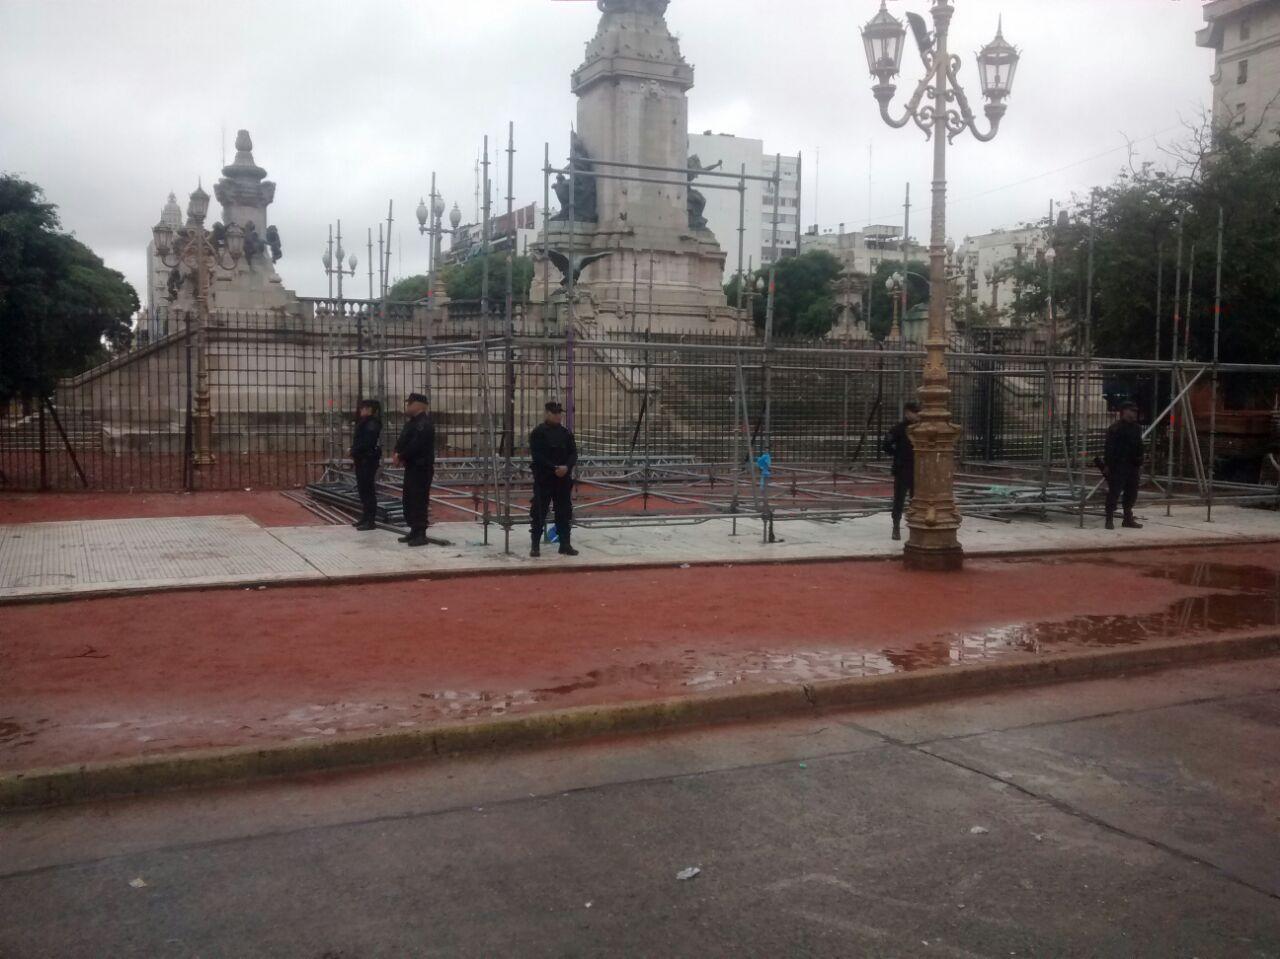 La Ciudad habilitó a los docentes a montar la carpa frente al Congreso